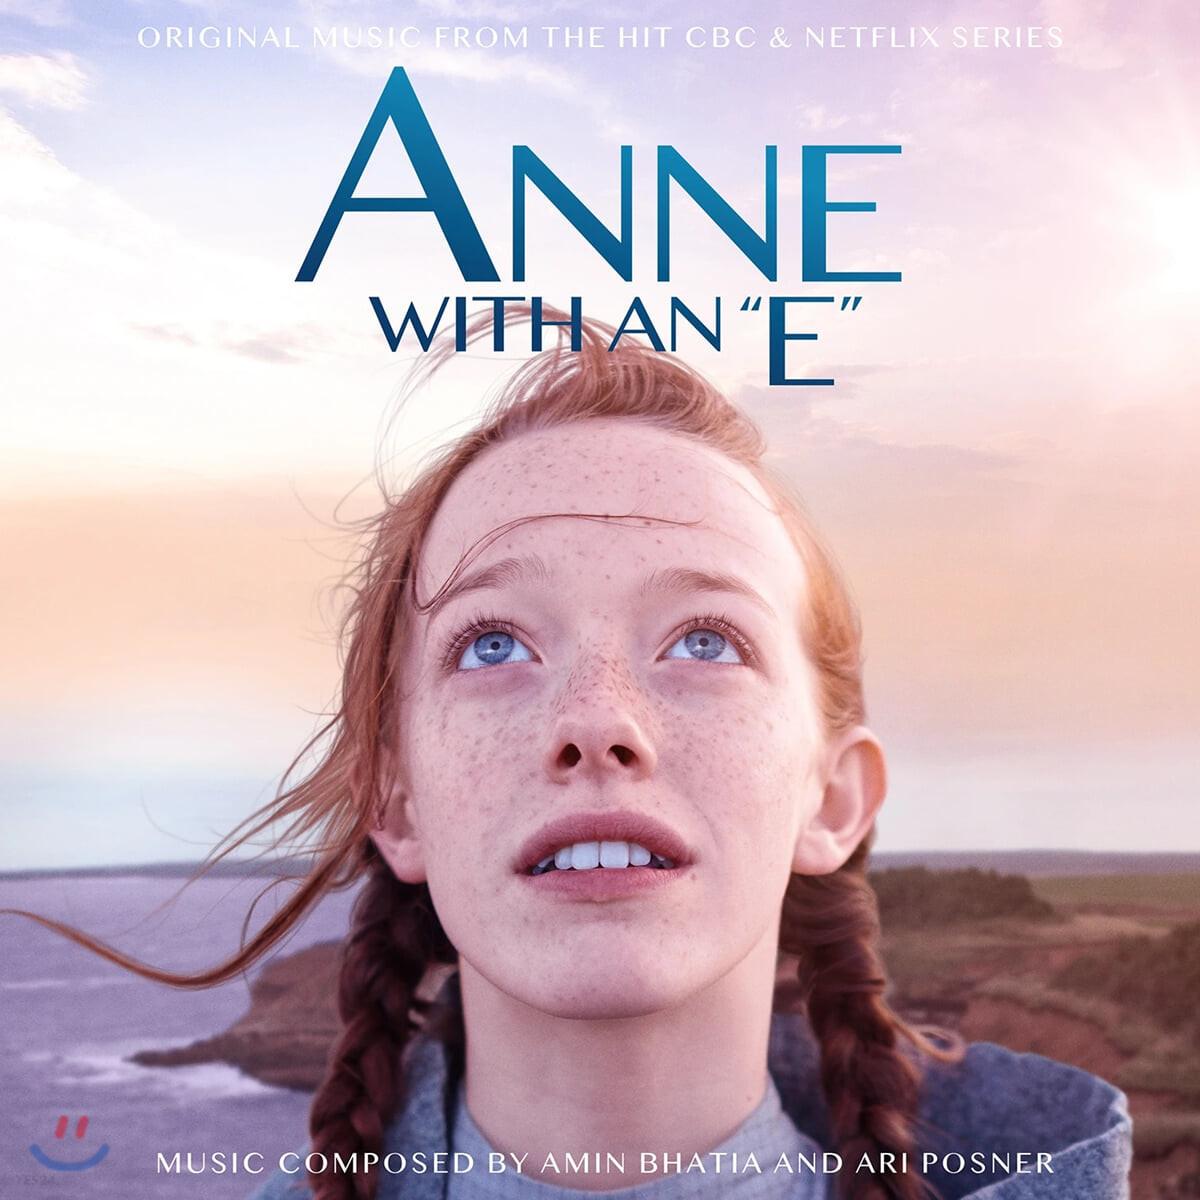 """빨간머리 앤 드라마 음악 (Anne with an """"E"""" OST by Amin Bhatia / Ari Posner)"""